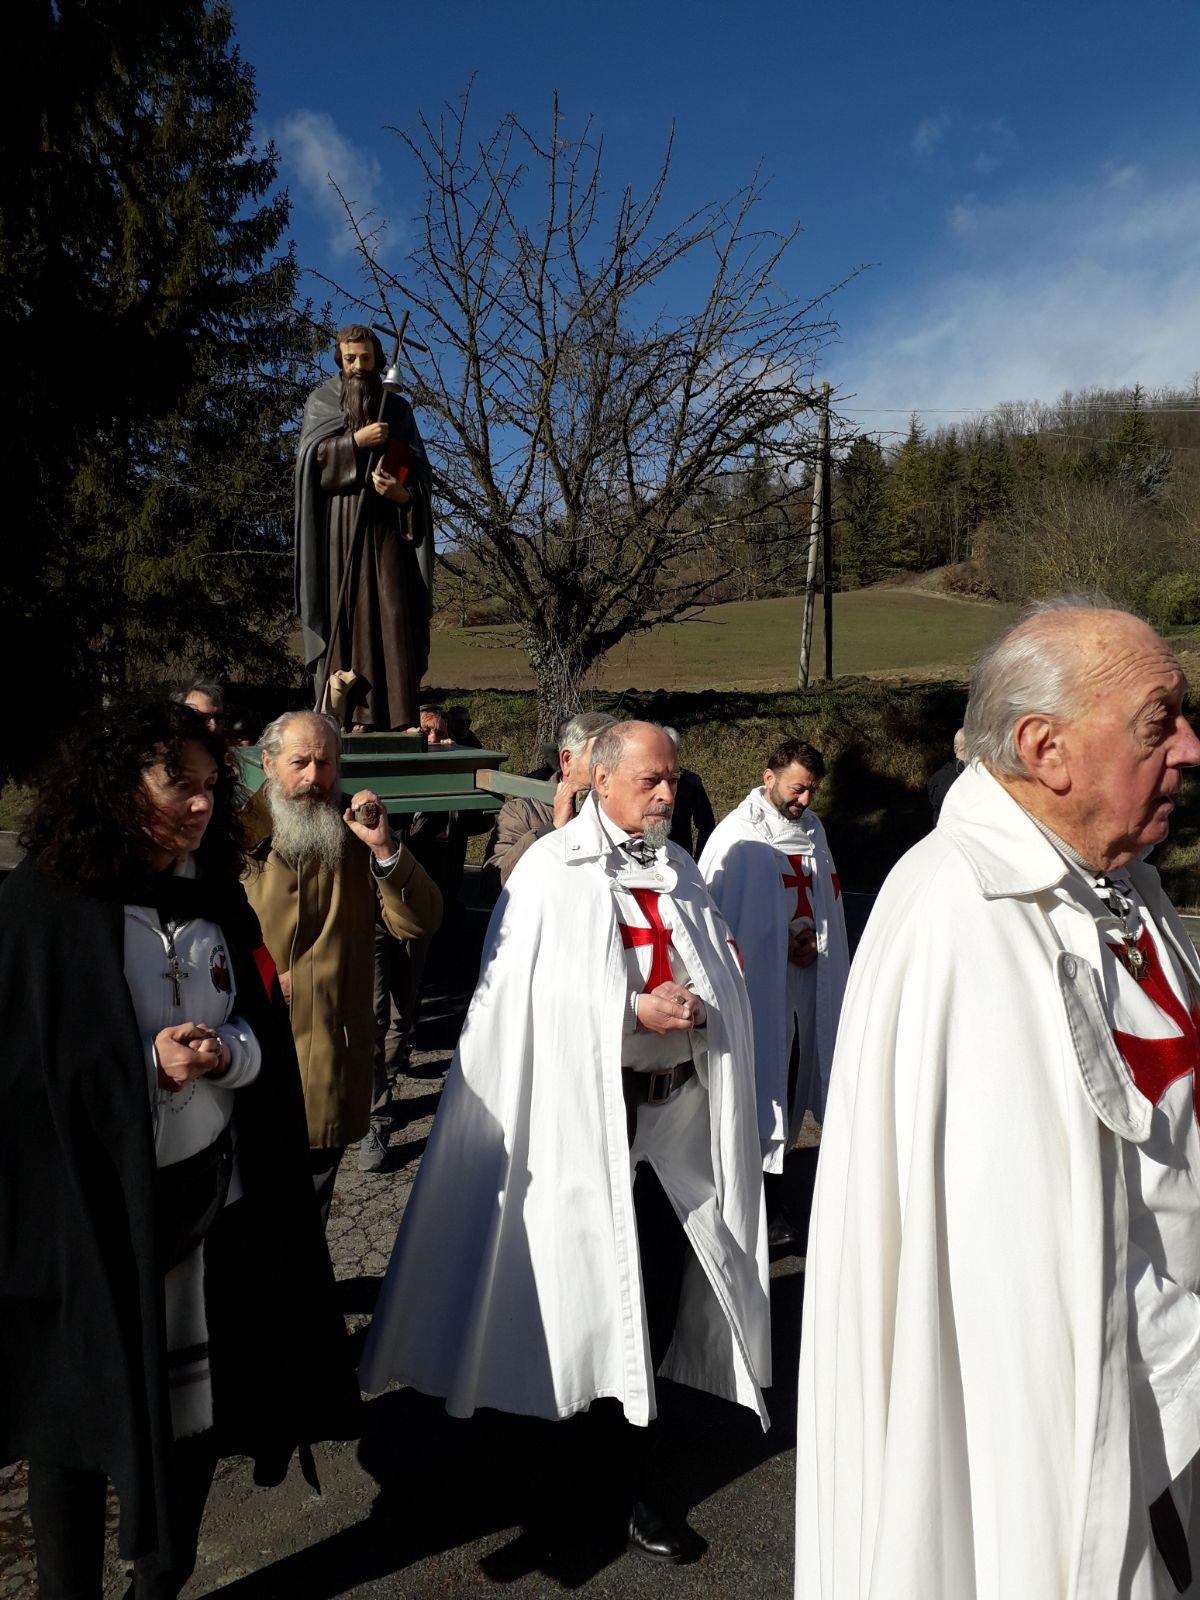 Chiesa di San Michele Arcangelo - Banzola d Salsomaggiore Terme (PR) - Templari foto2